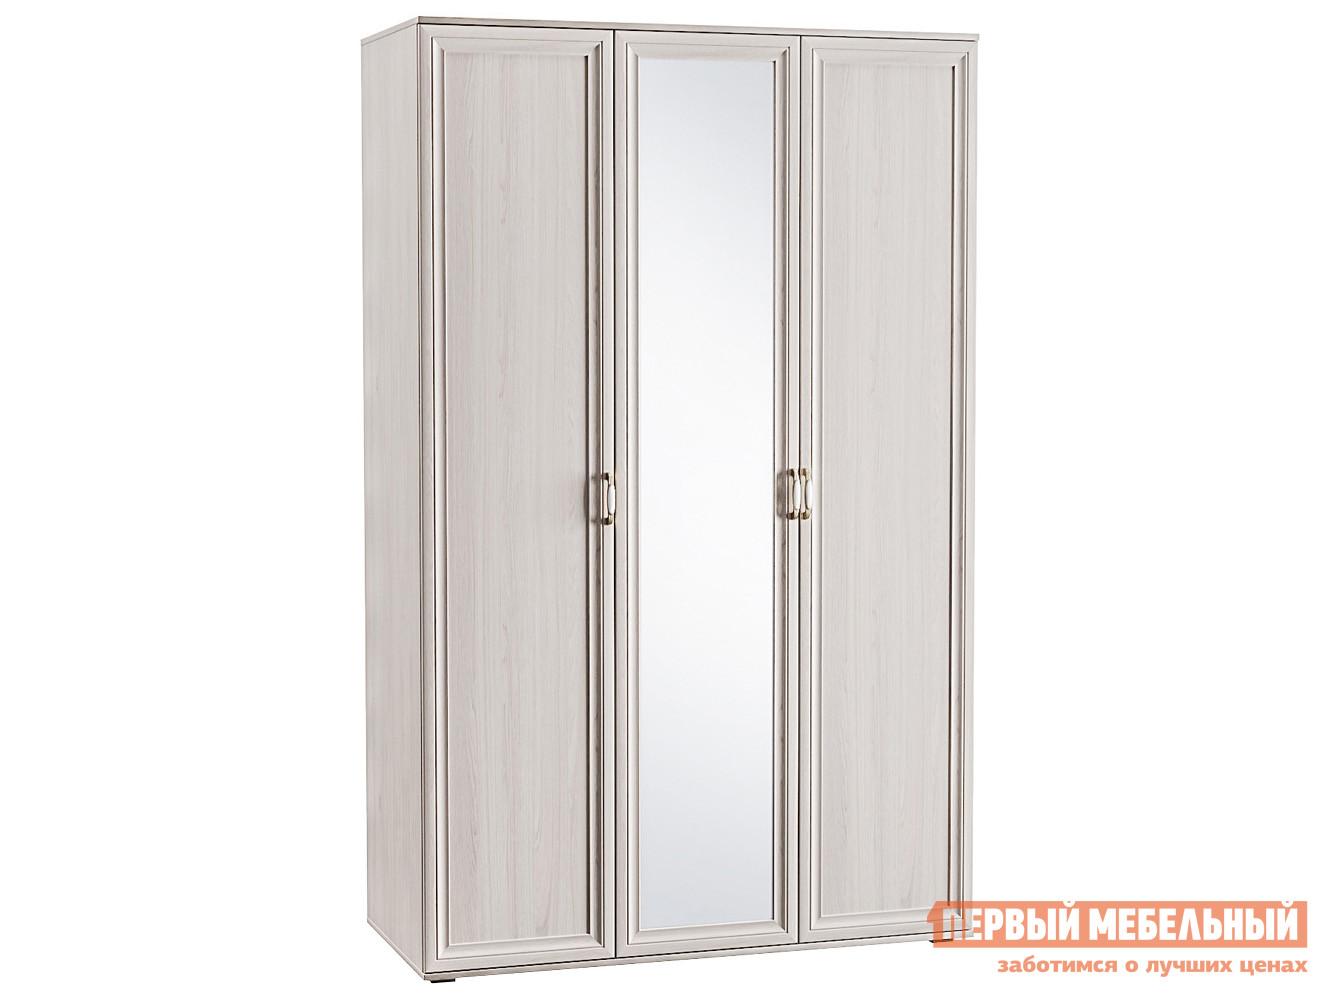 Распашной шкаф Первый Мебельный Шкаф 3-х створчатый с зеркалом Аврора 1782/02 распашной шкаф с зеркалом первый мебельный шкаф 3 х дверный с зеркалом парма